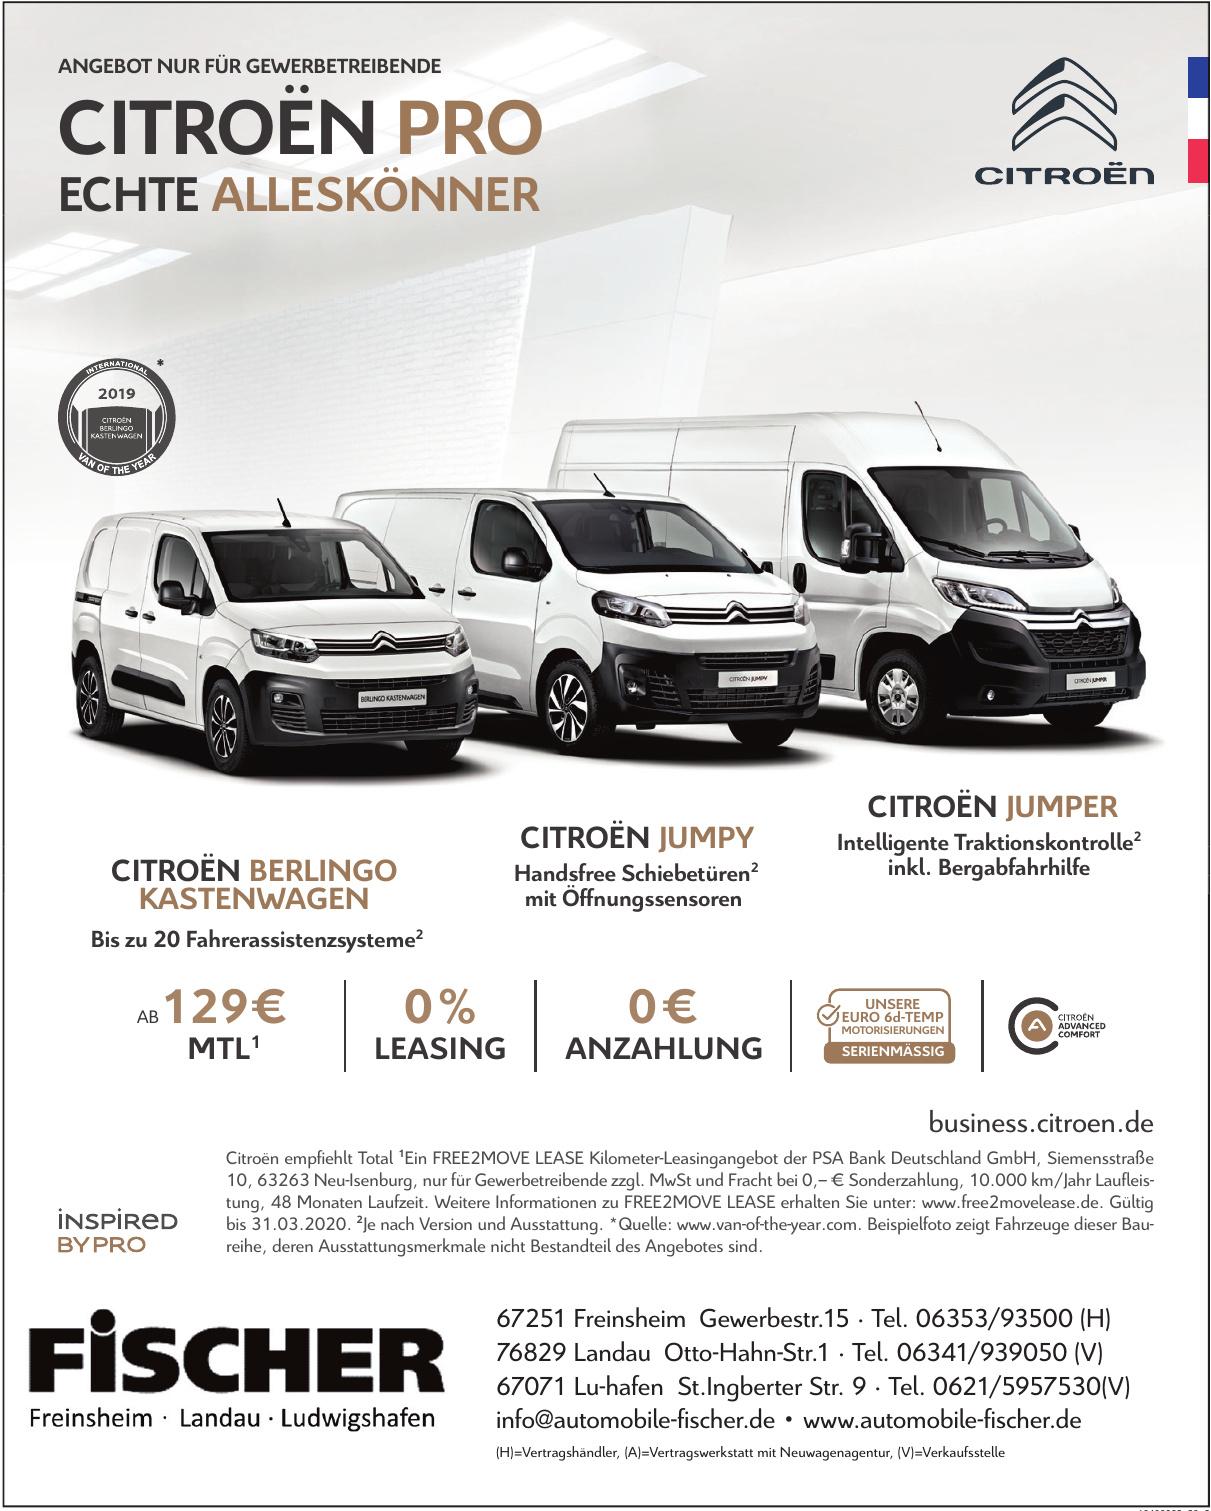 Fischer Kraftfahrzeuge GmbH